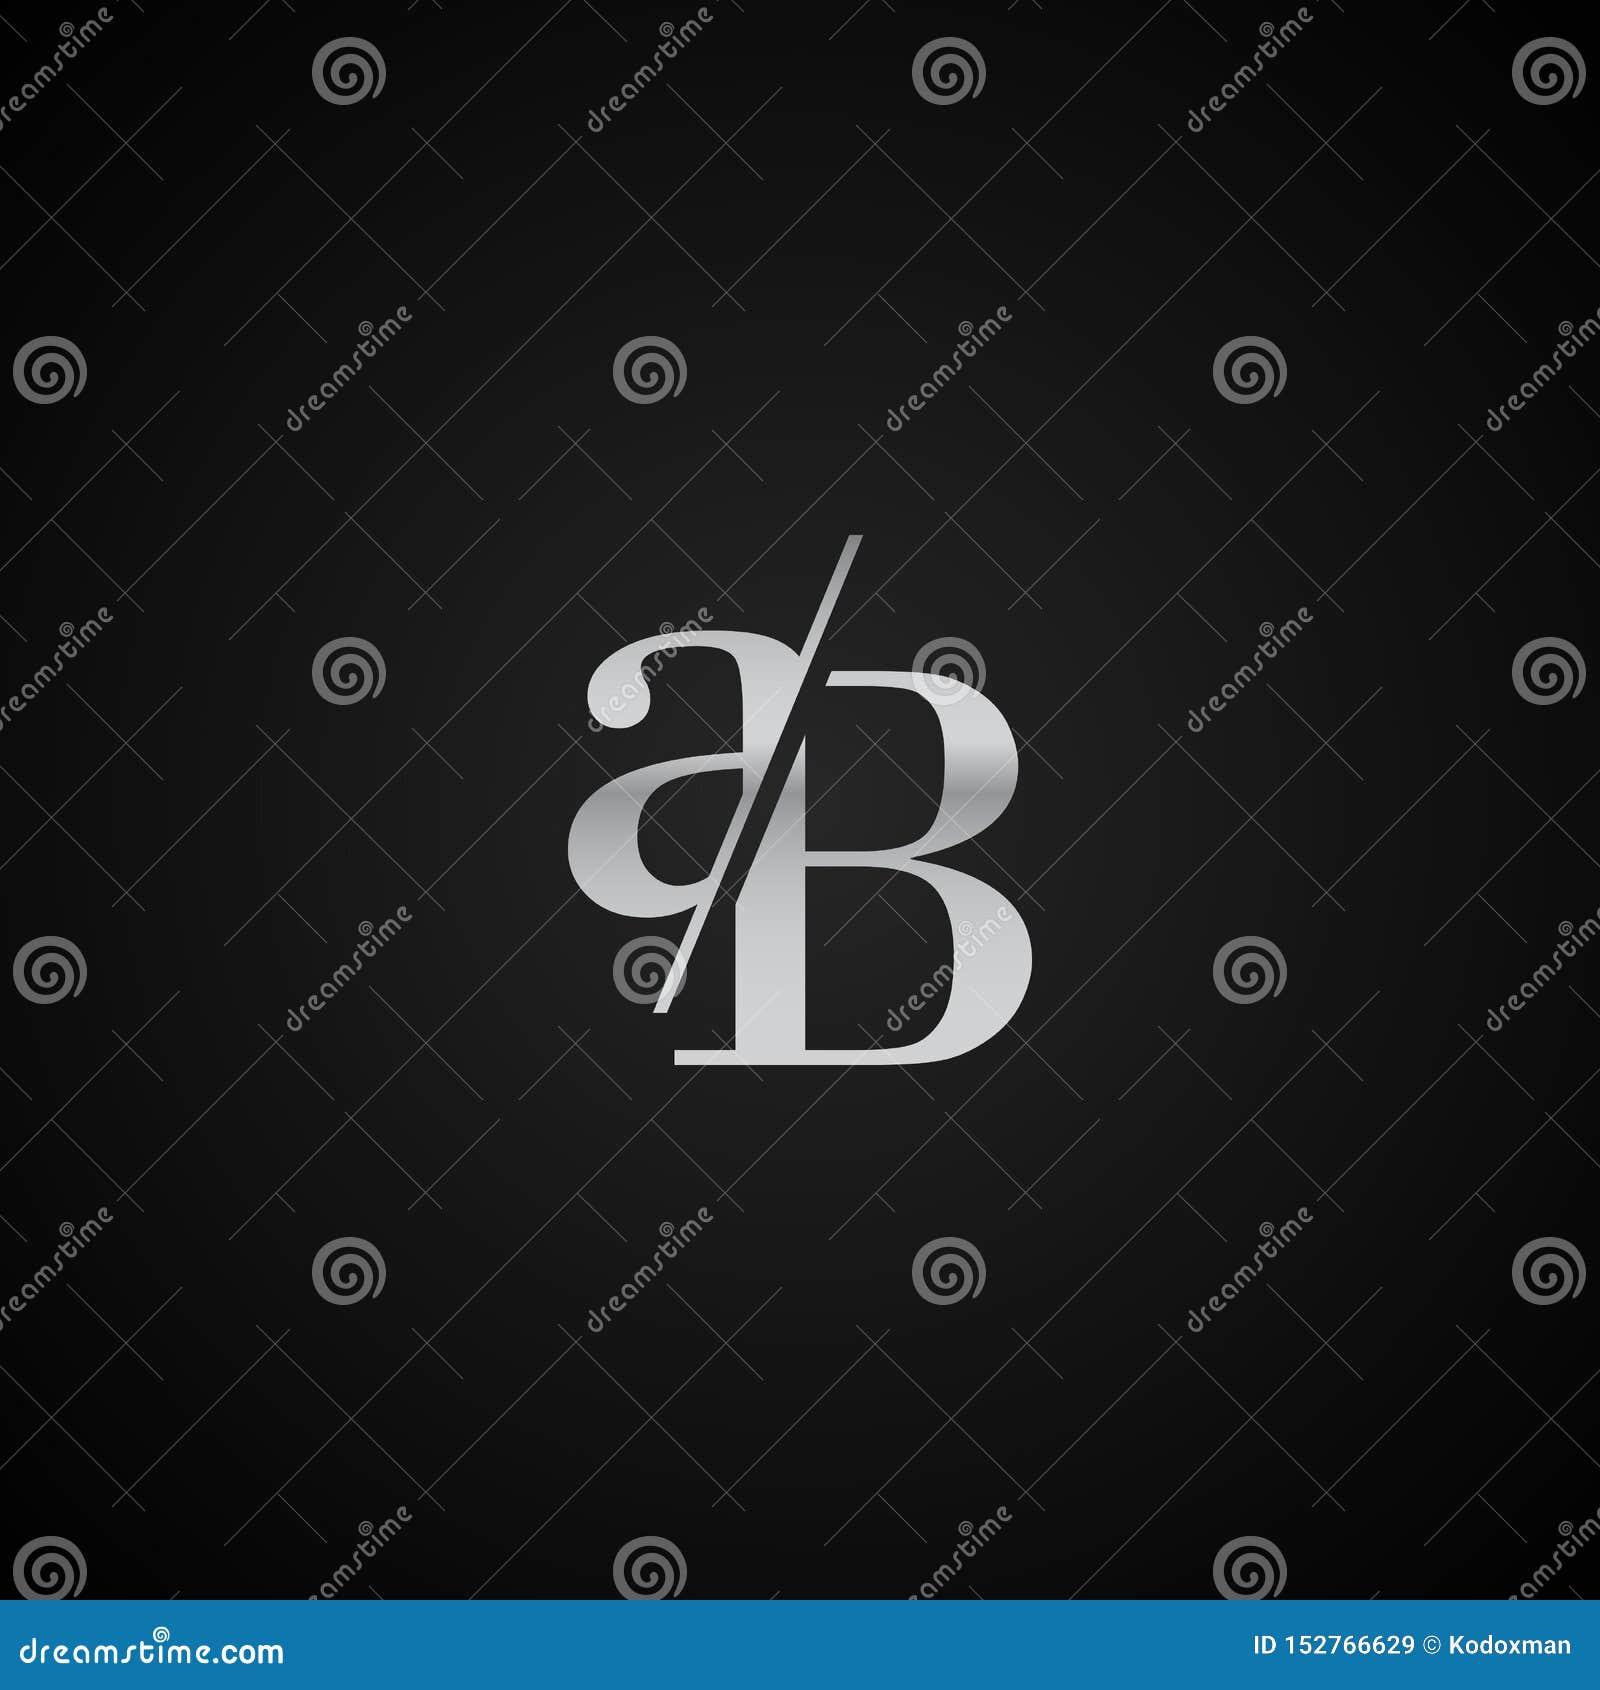 Vetor elegante original moderno do molde do logotipo da letra inicial do AB criativo